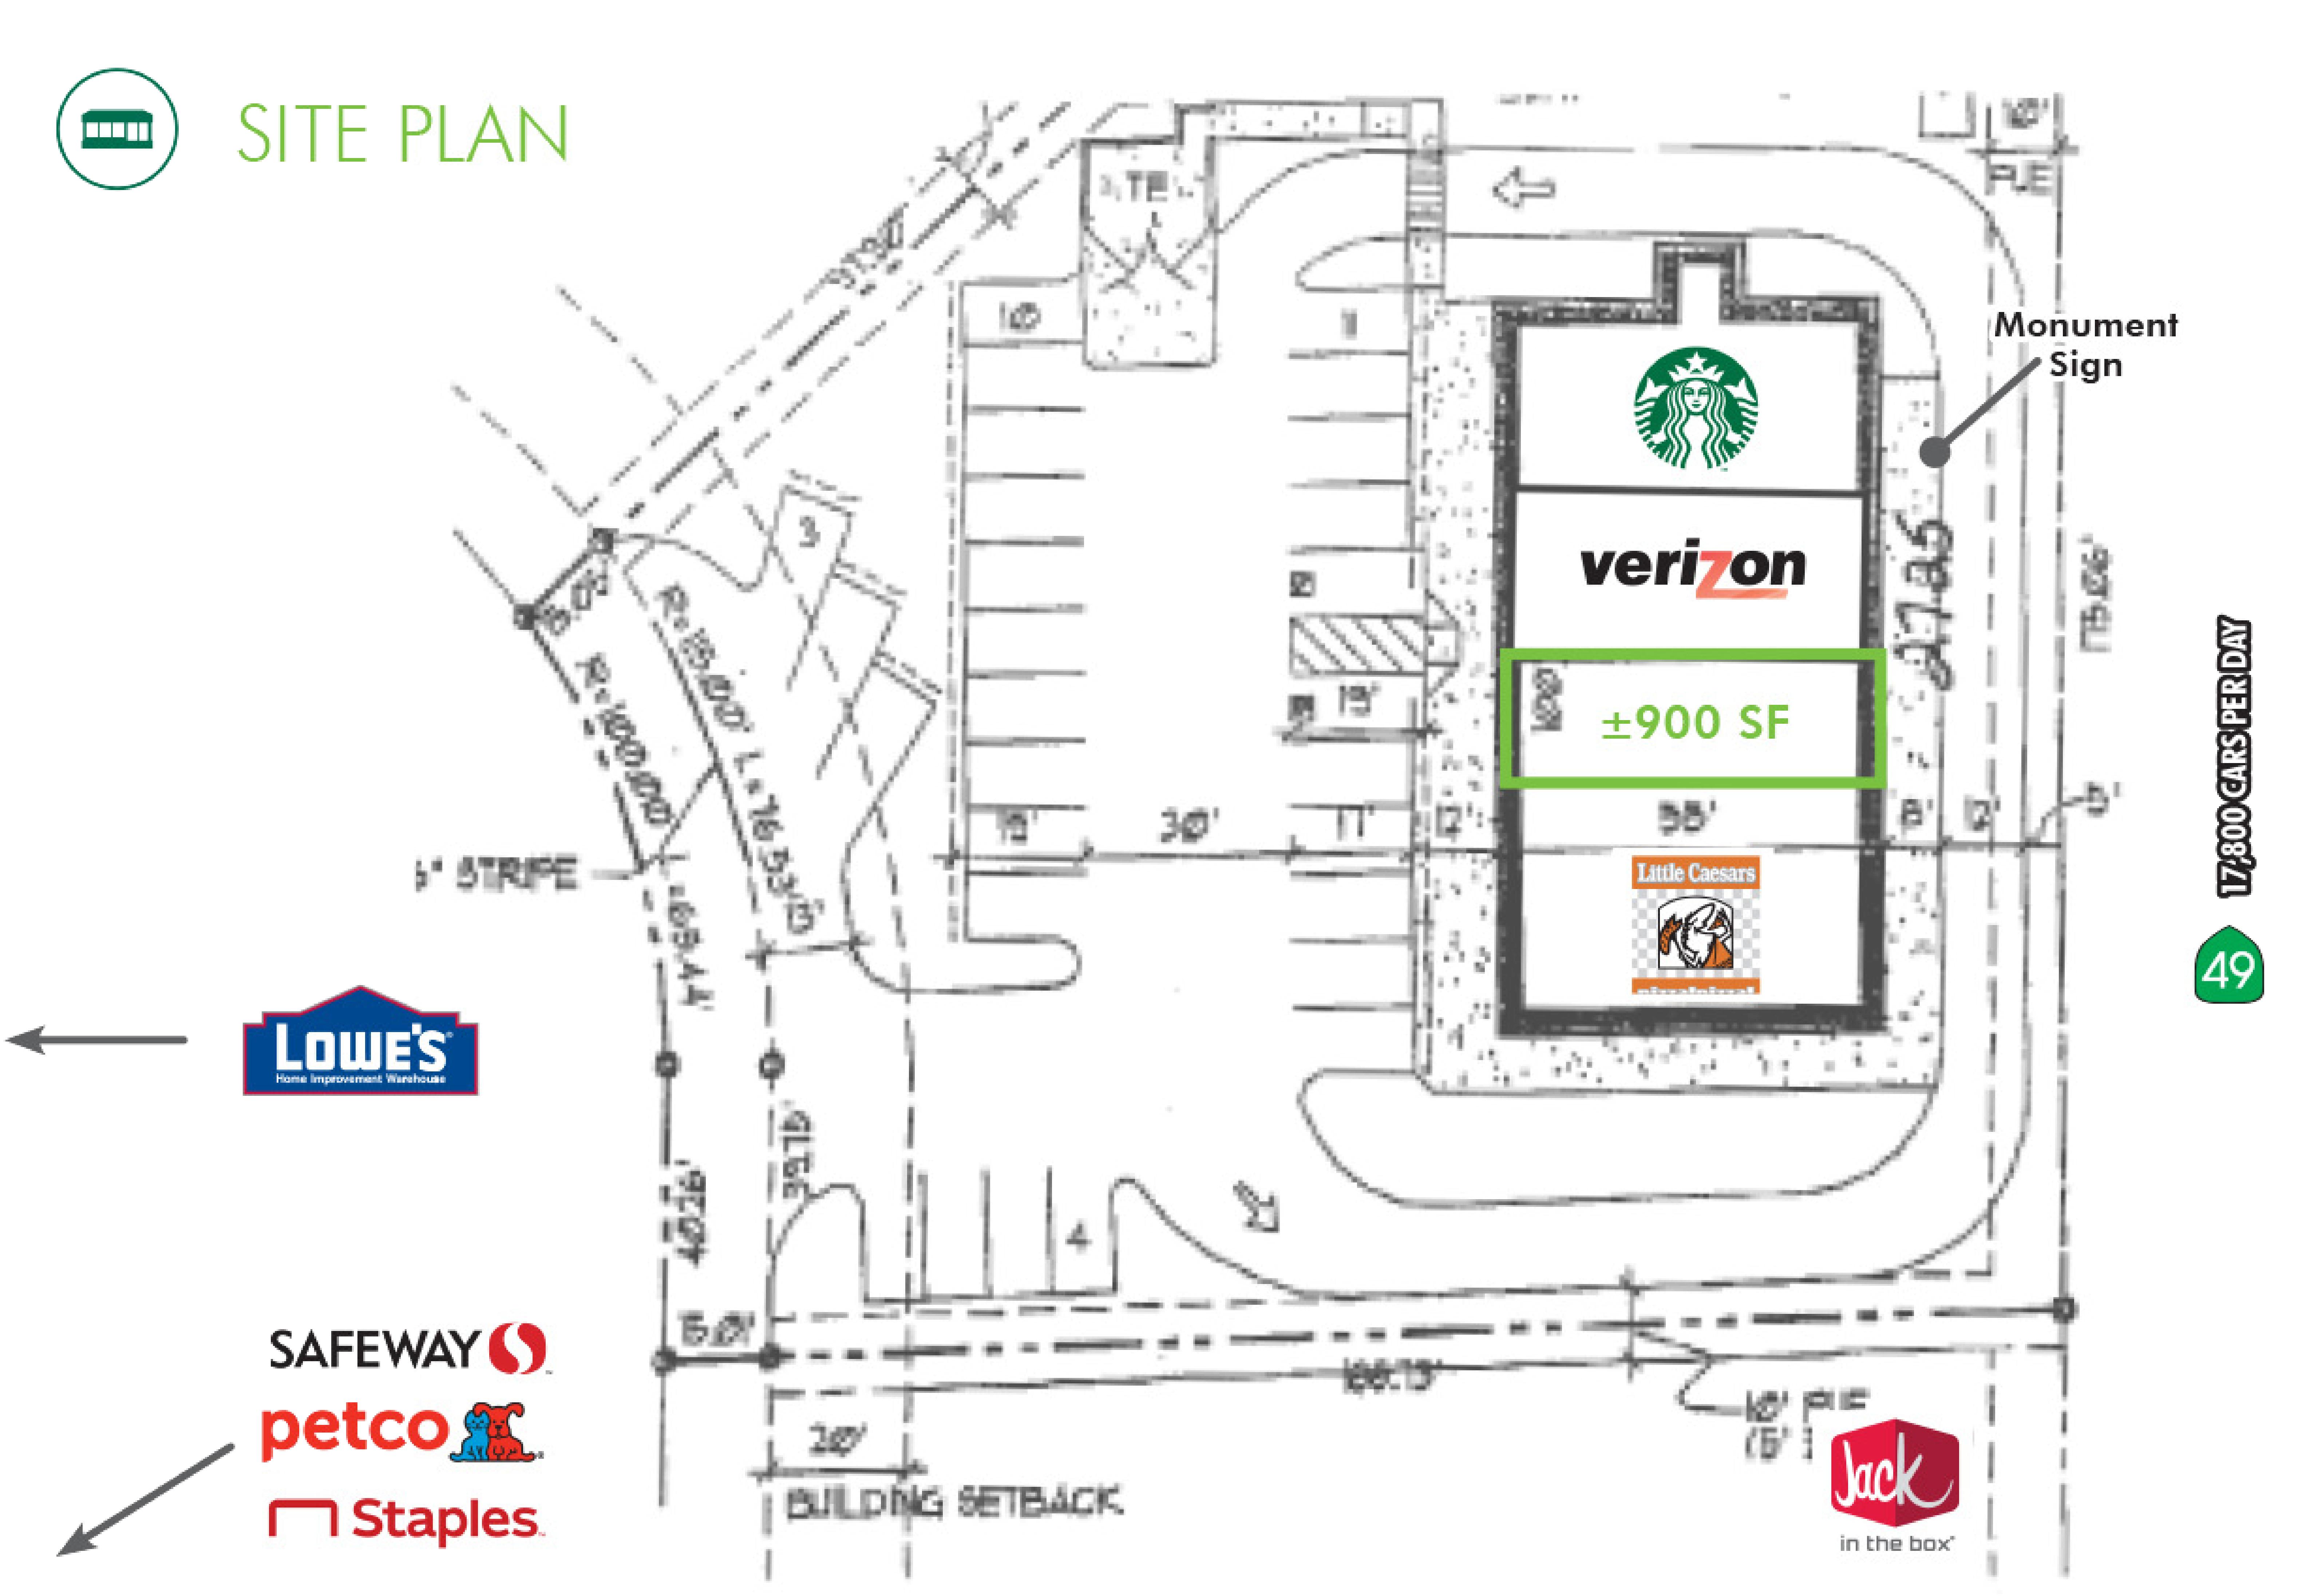 11248 Old Mill Lane: site plan